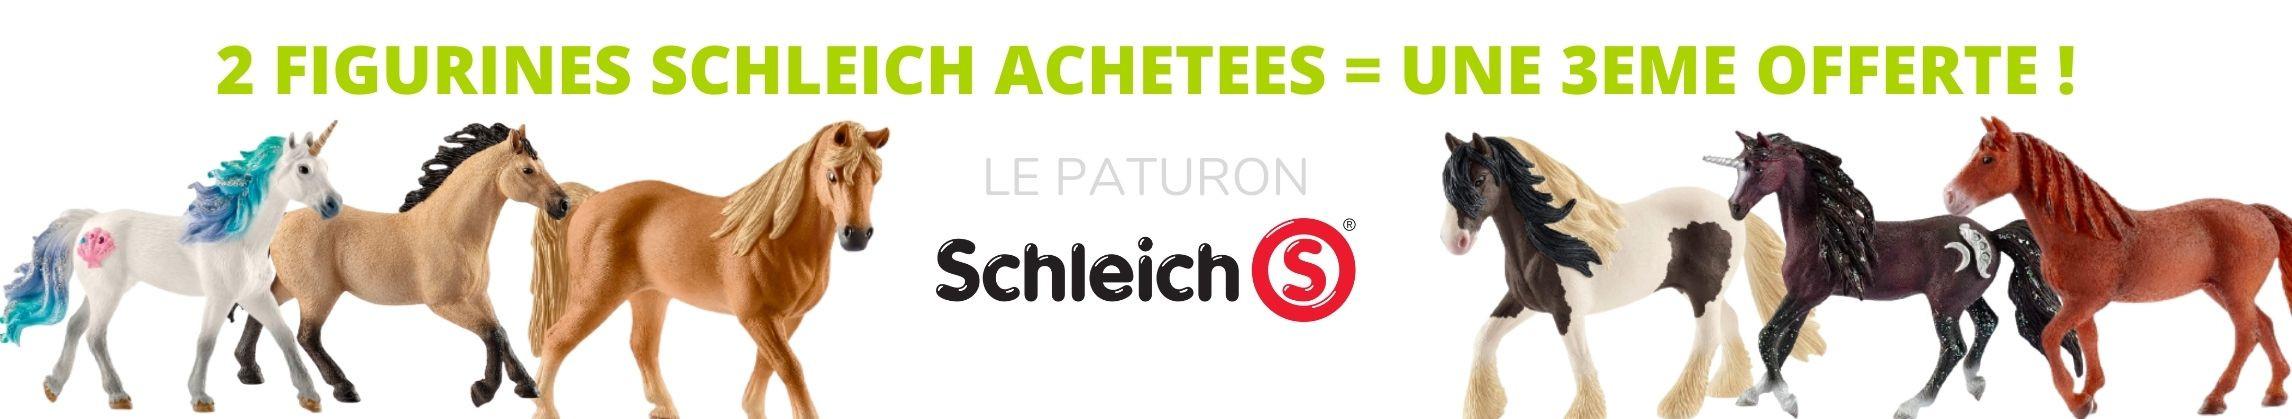 Promo Schleich chevaux